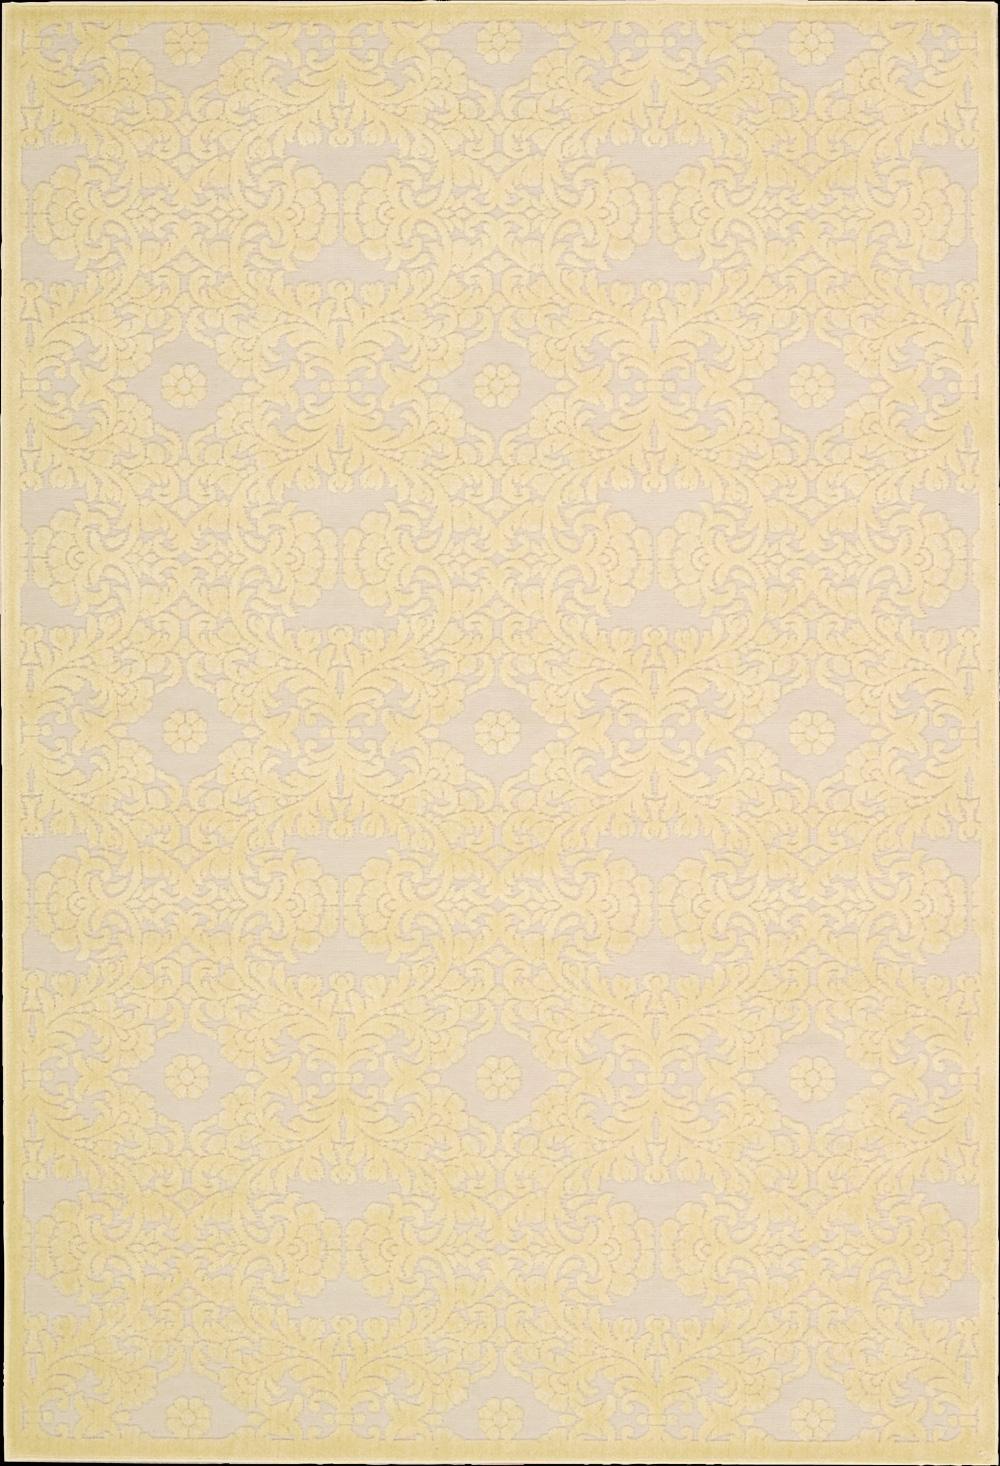 """Nourison Graphic Illusions Area Rug 3'6"""" x 5'6"""" - Item Number: 13147"""